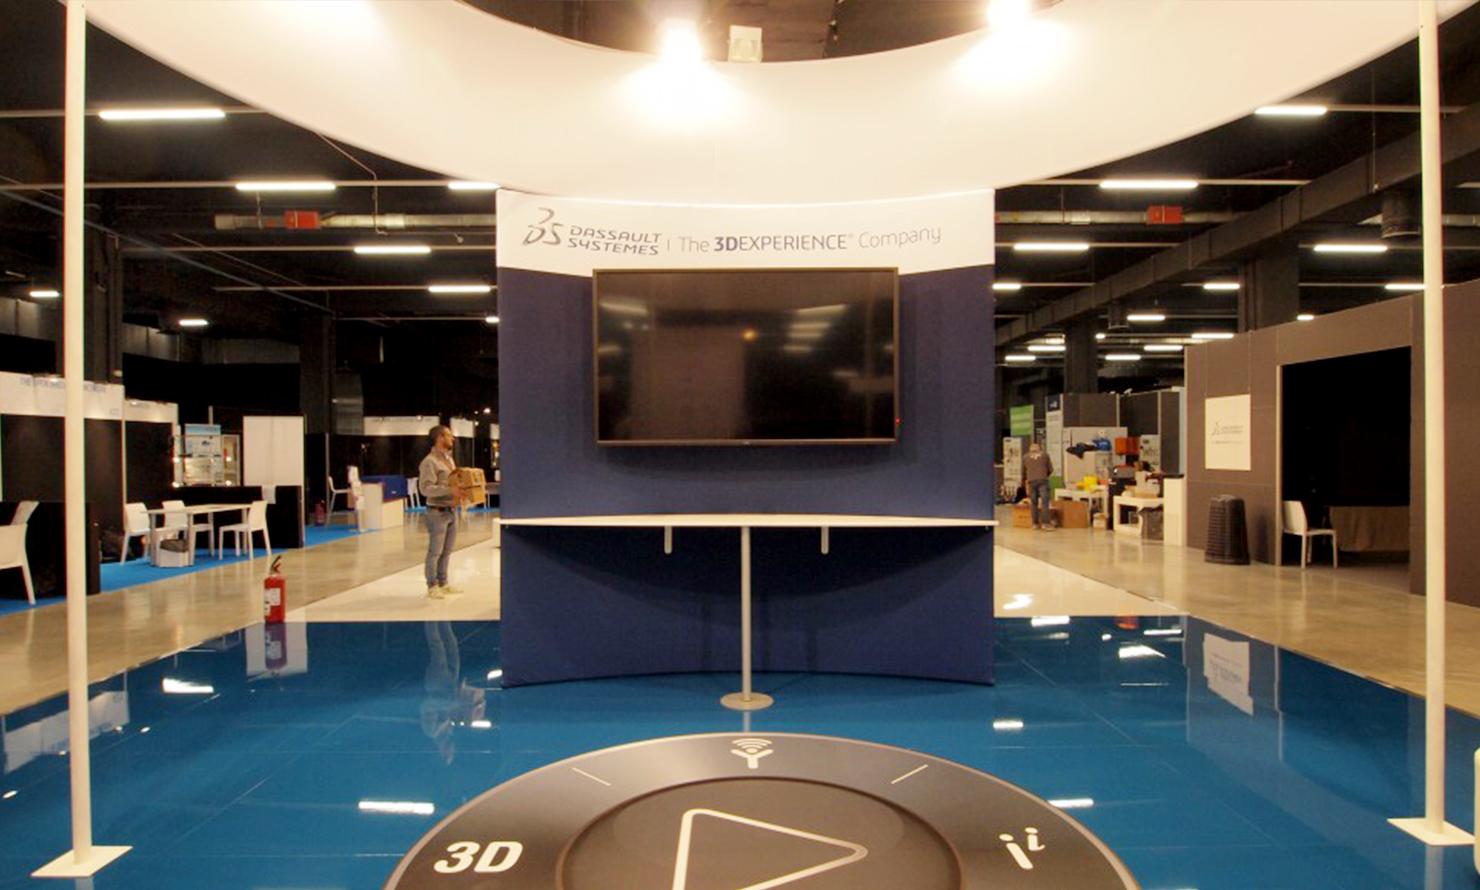 https://kubelibre.com/uploads/Slider-work-tutti-clienti/dassault-systèmes-exhibition-international-technology-hub-1.jpg